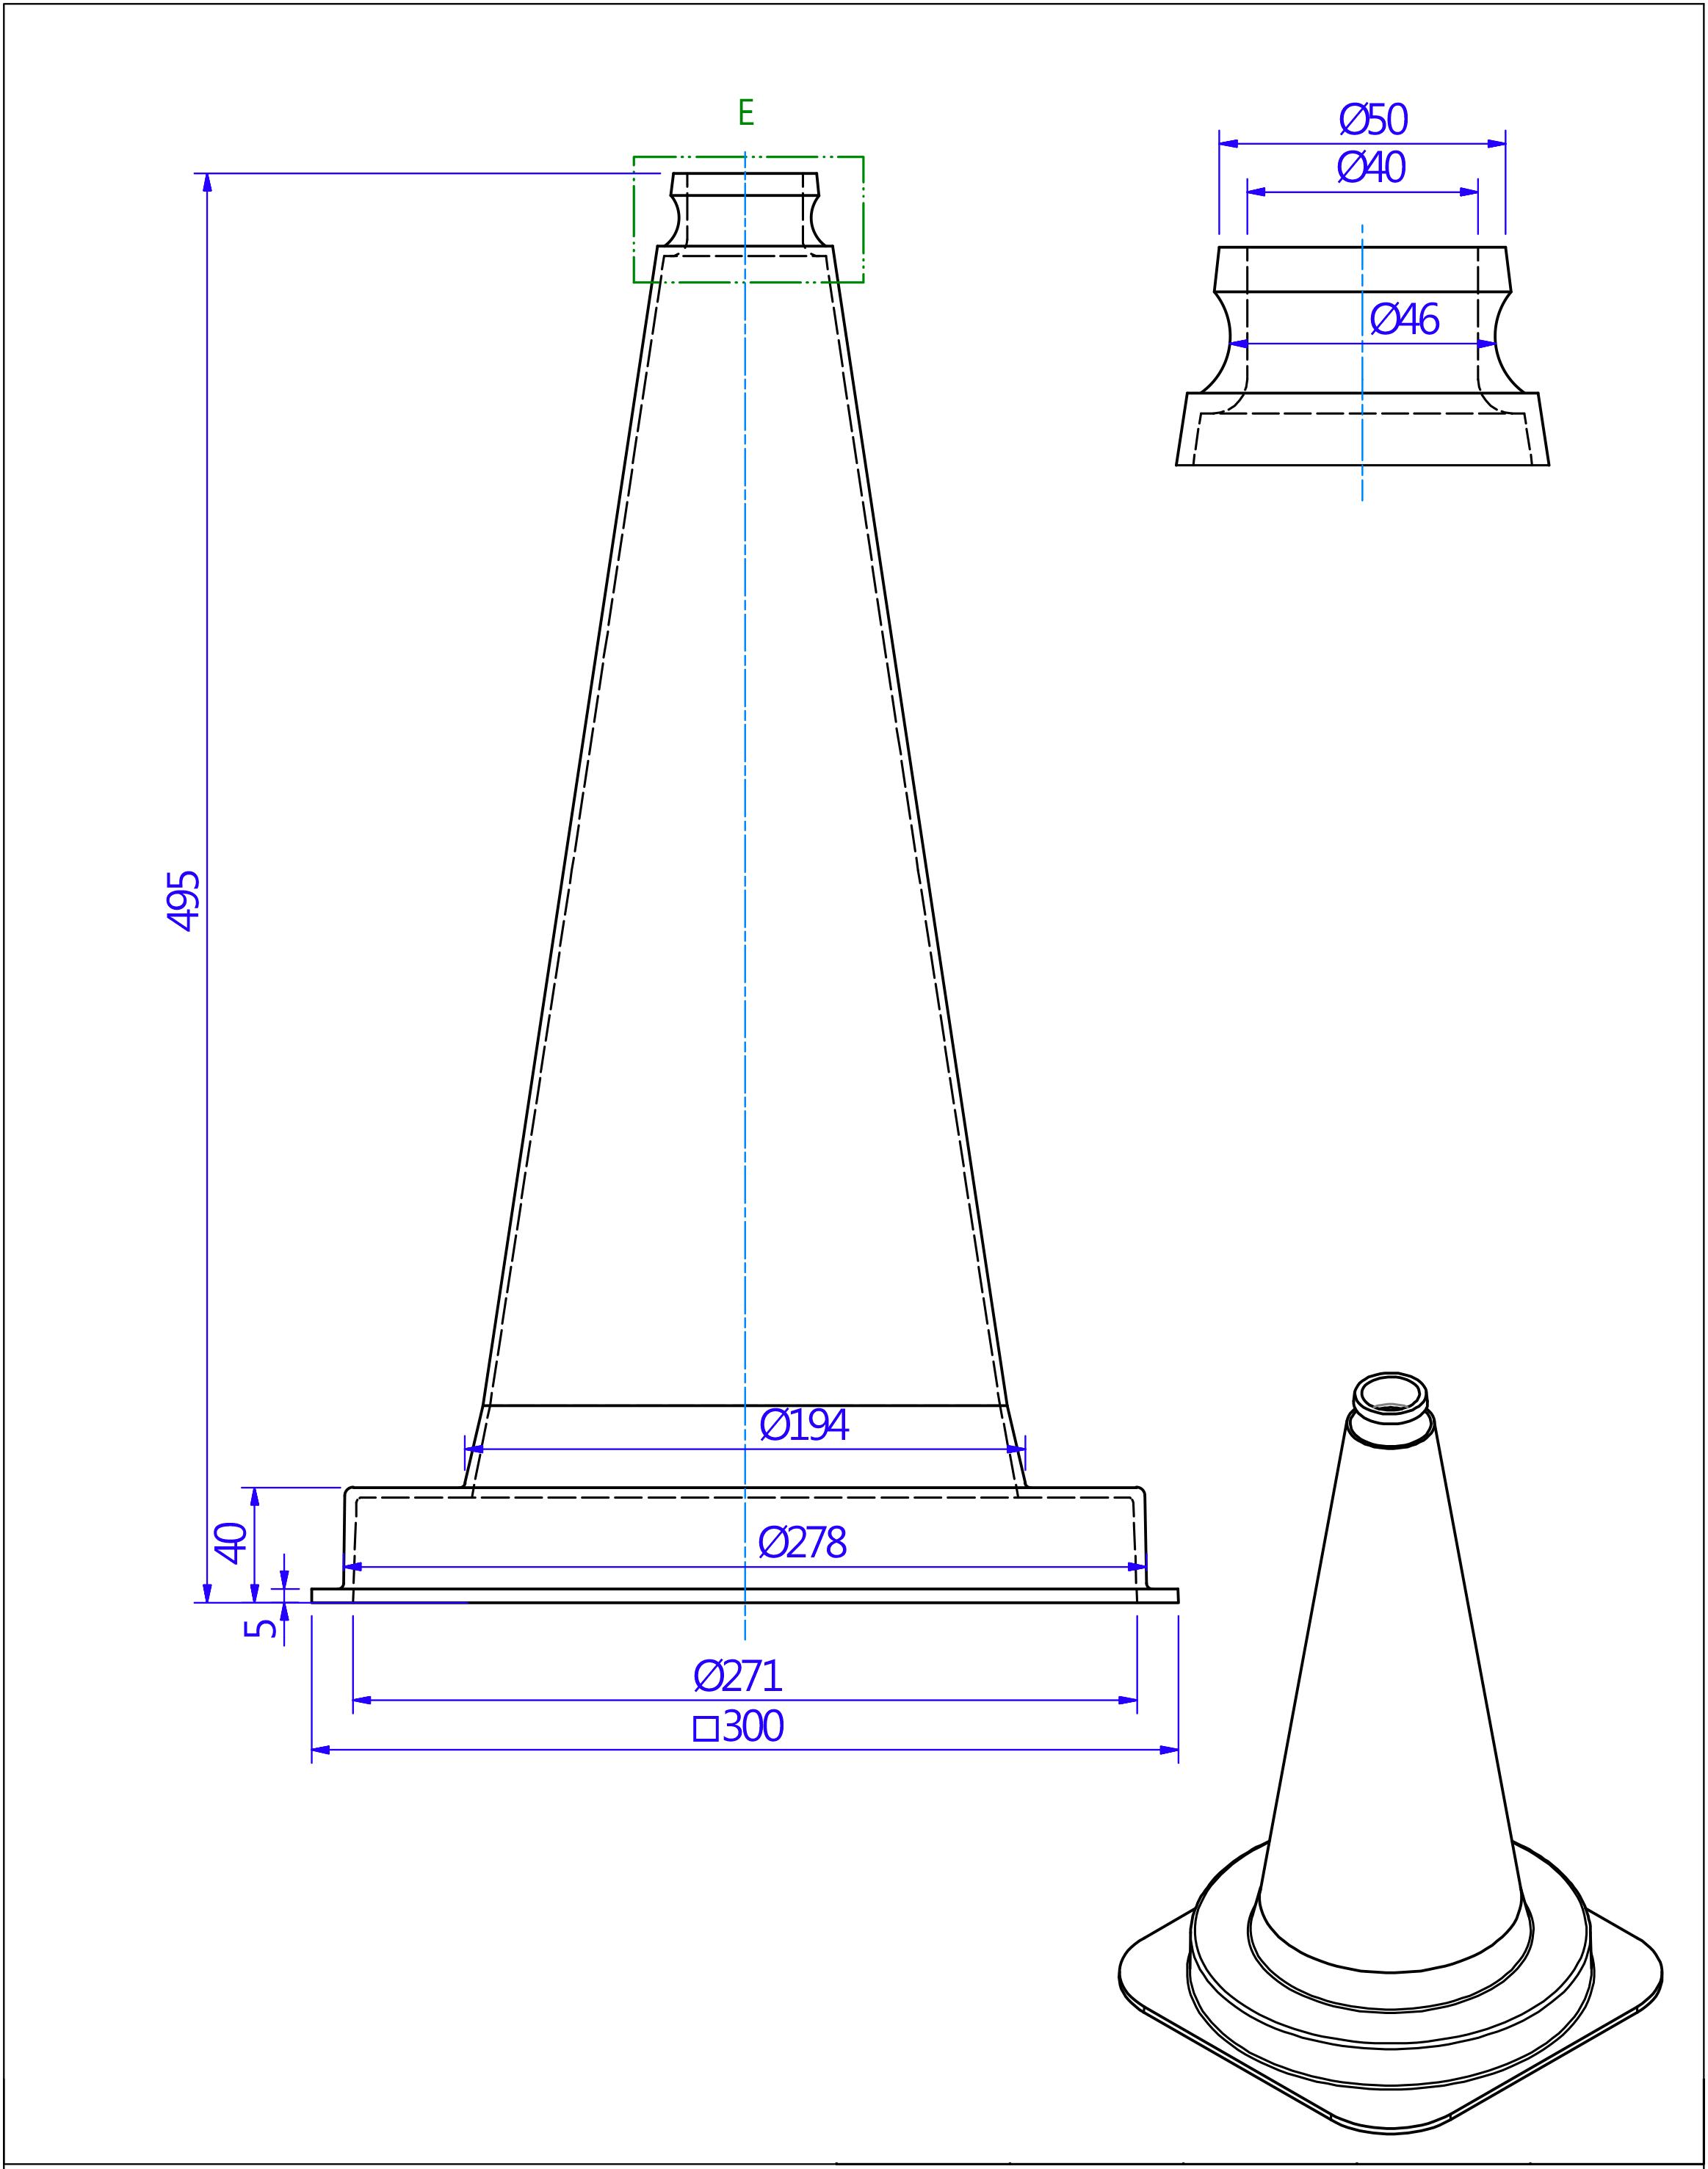 Schéma technique du cône de signalisation